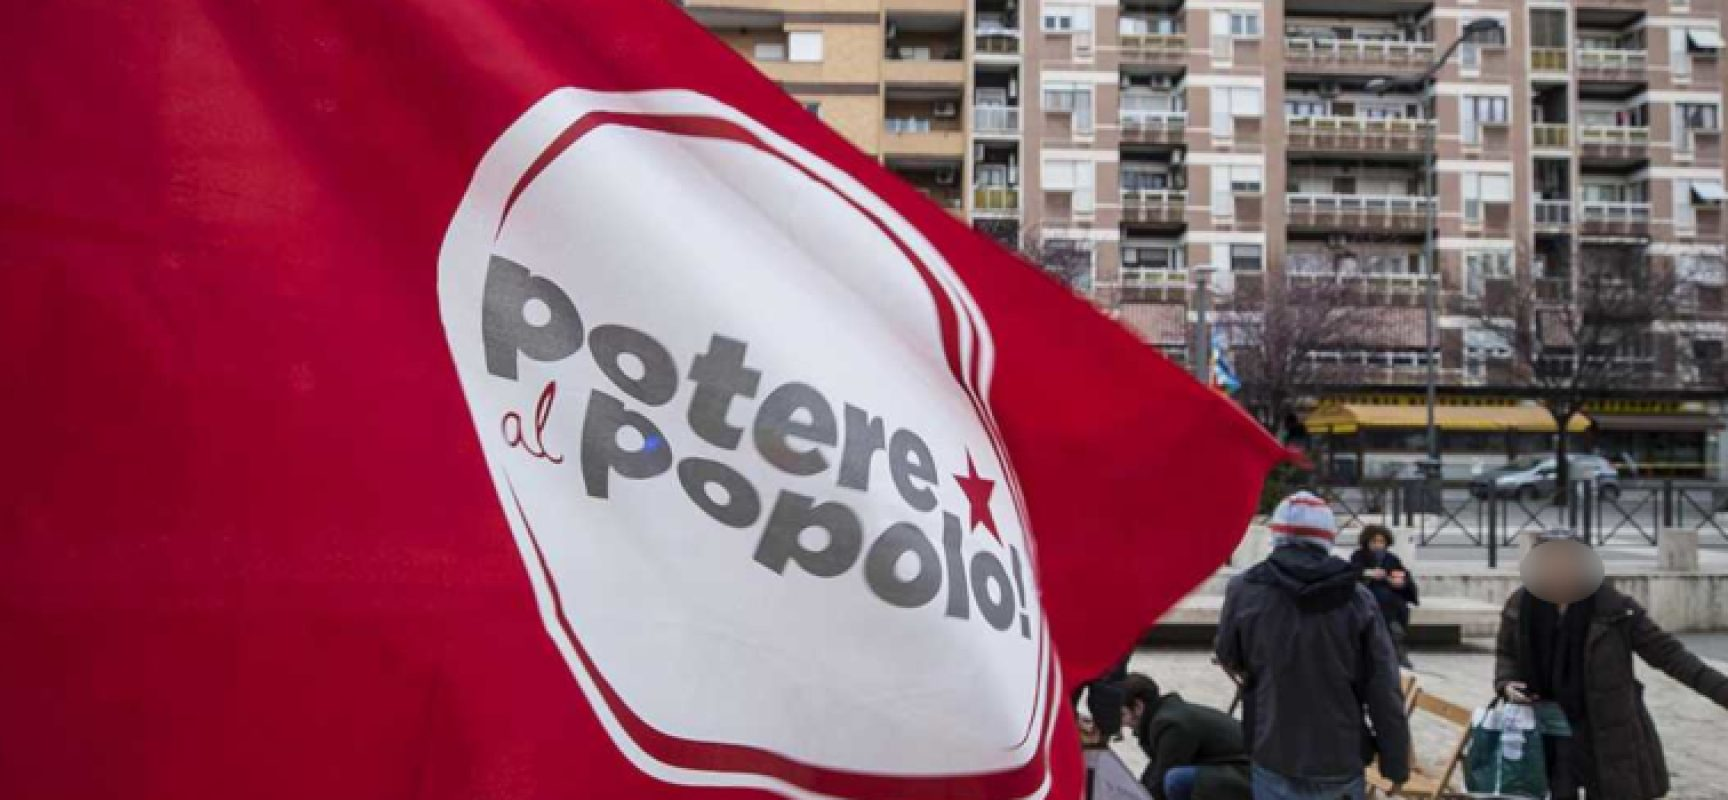 Potere al Popolo, nel coordinamento nazionale il biscegliese Giovanni Tortora